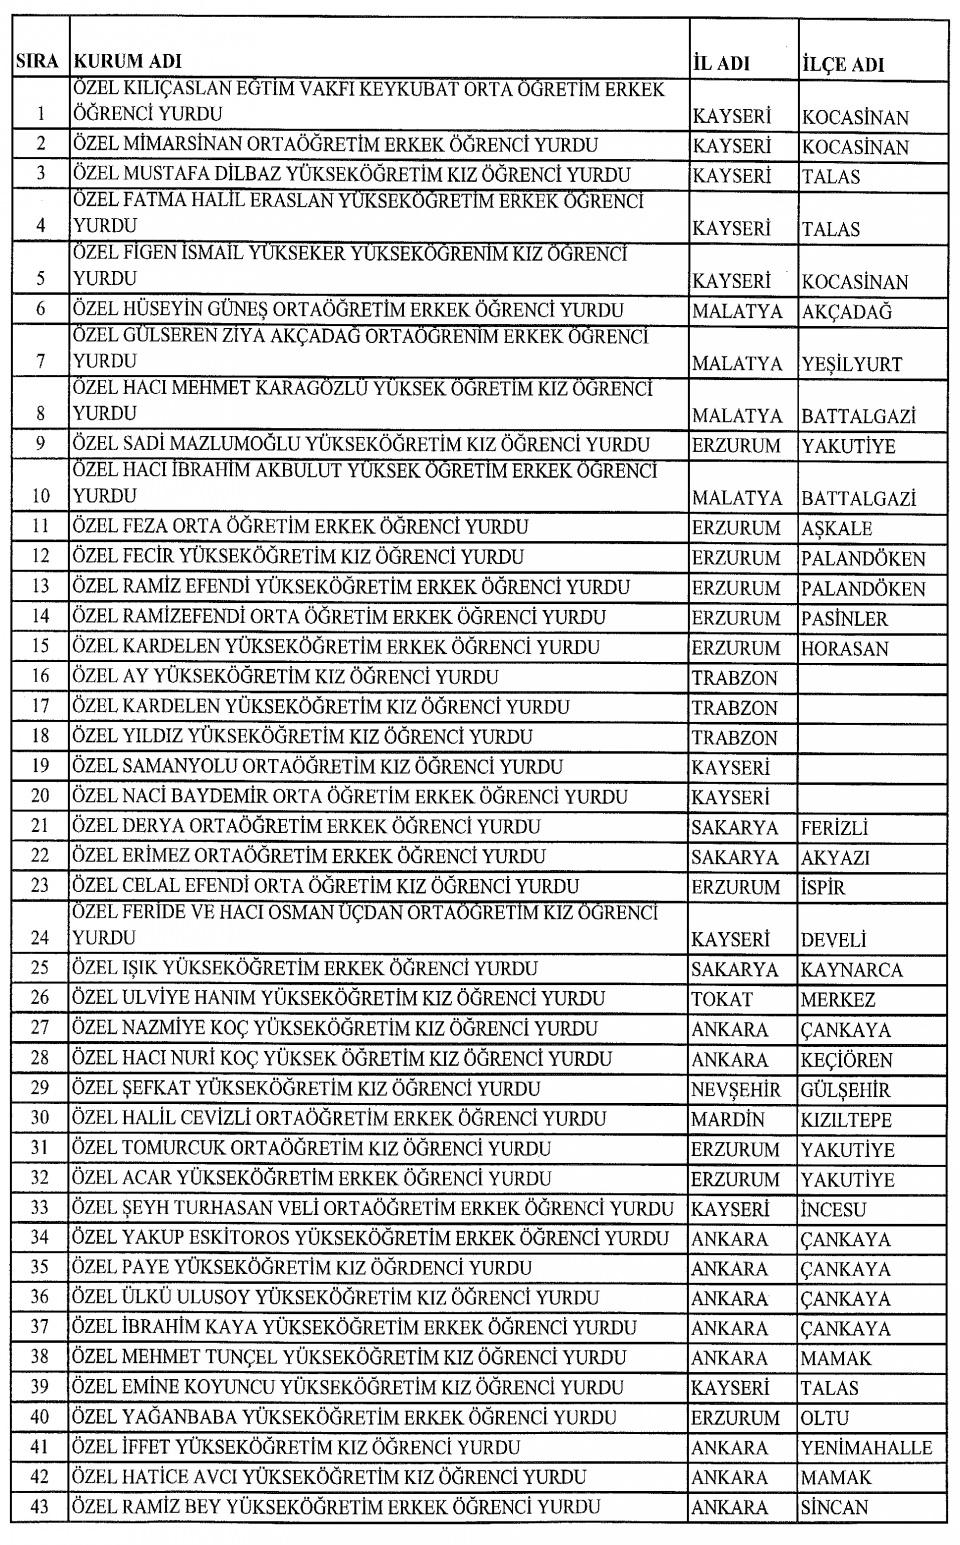 FETÖ'nün kapatılan kurumlarının tam listesi 19